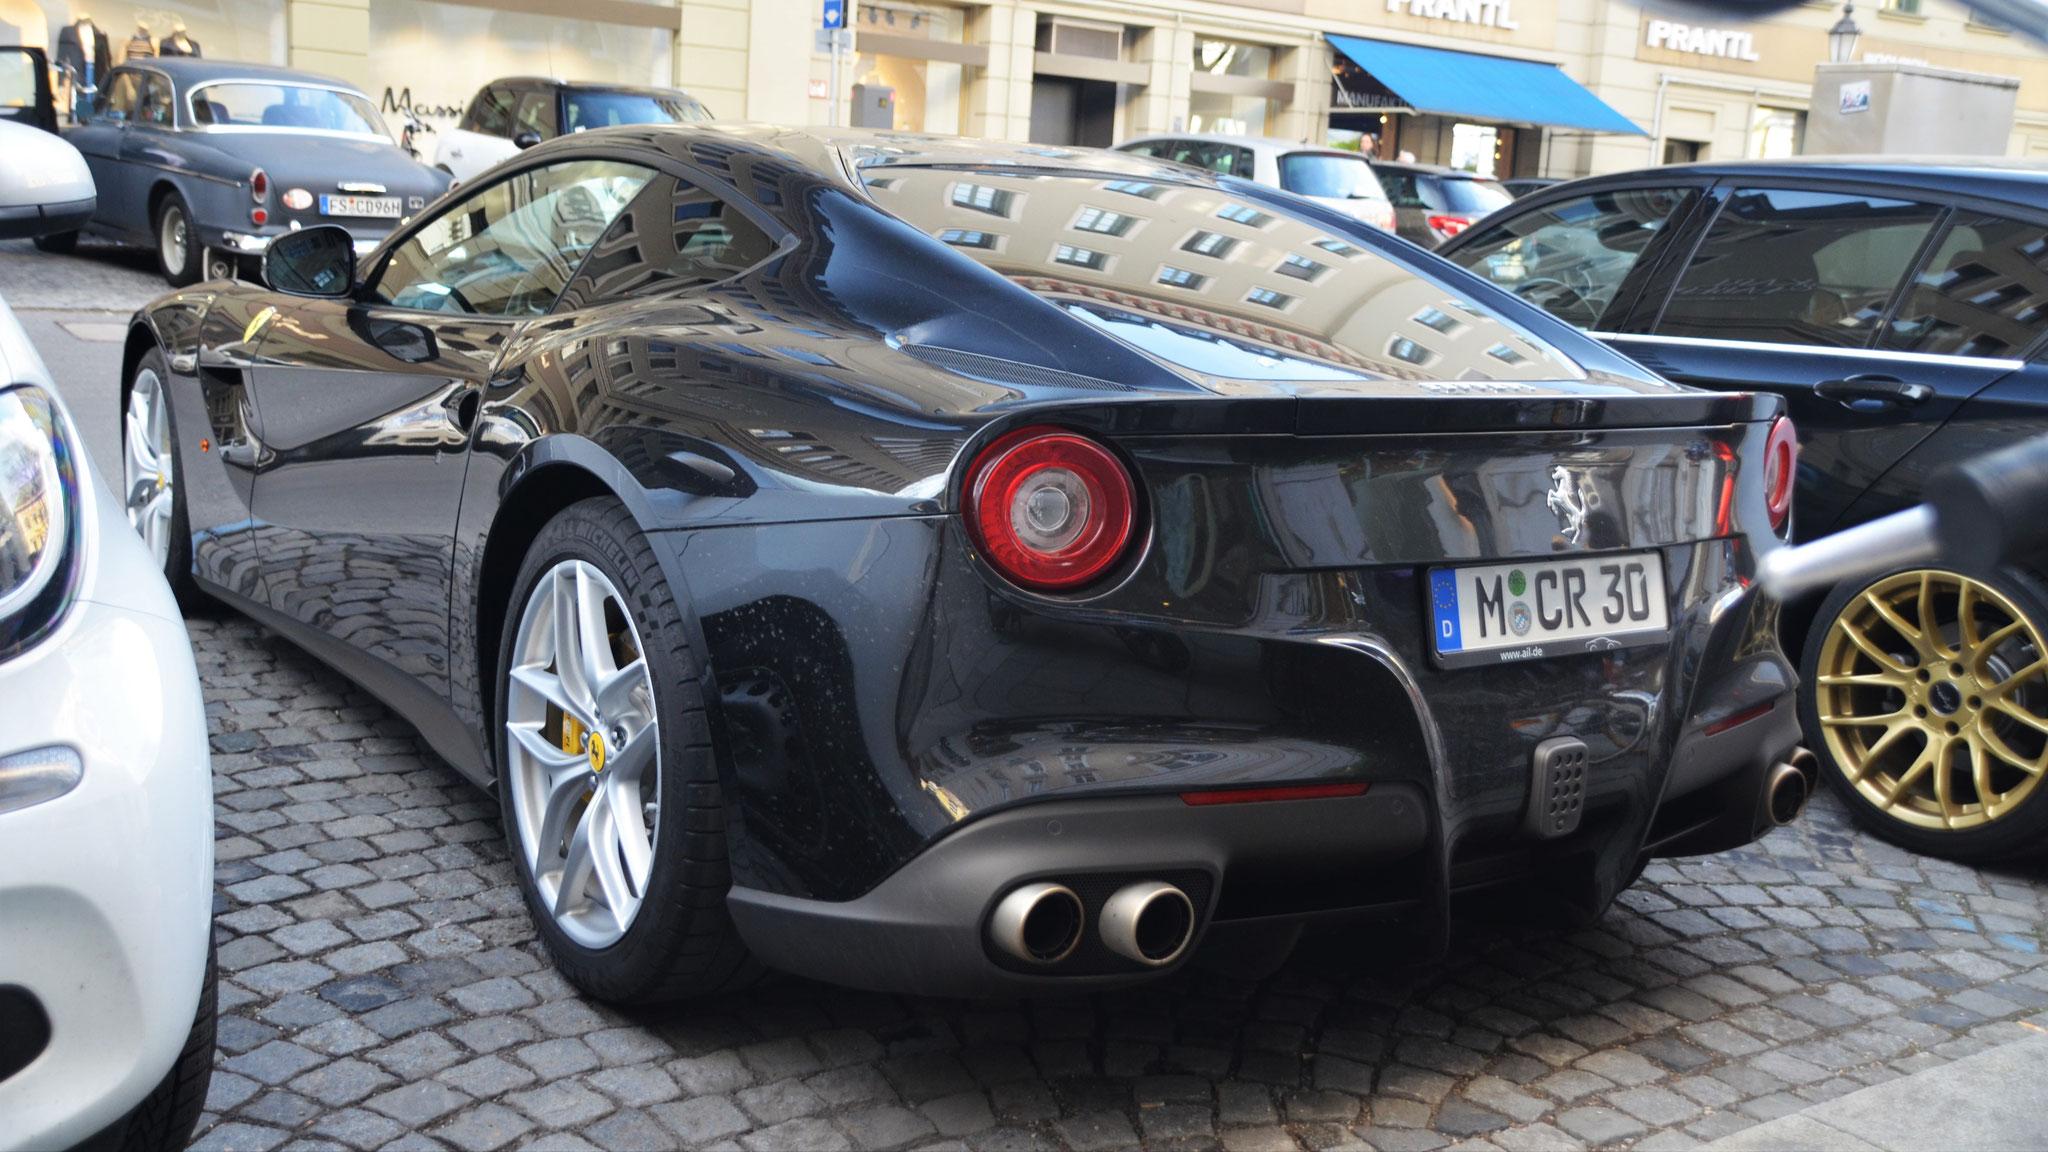 Ferrari F12 Berlinetta - M-CR-30